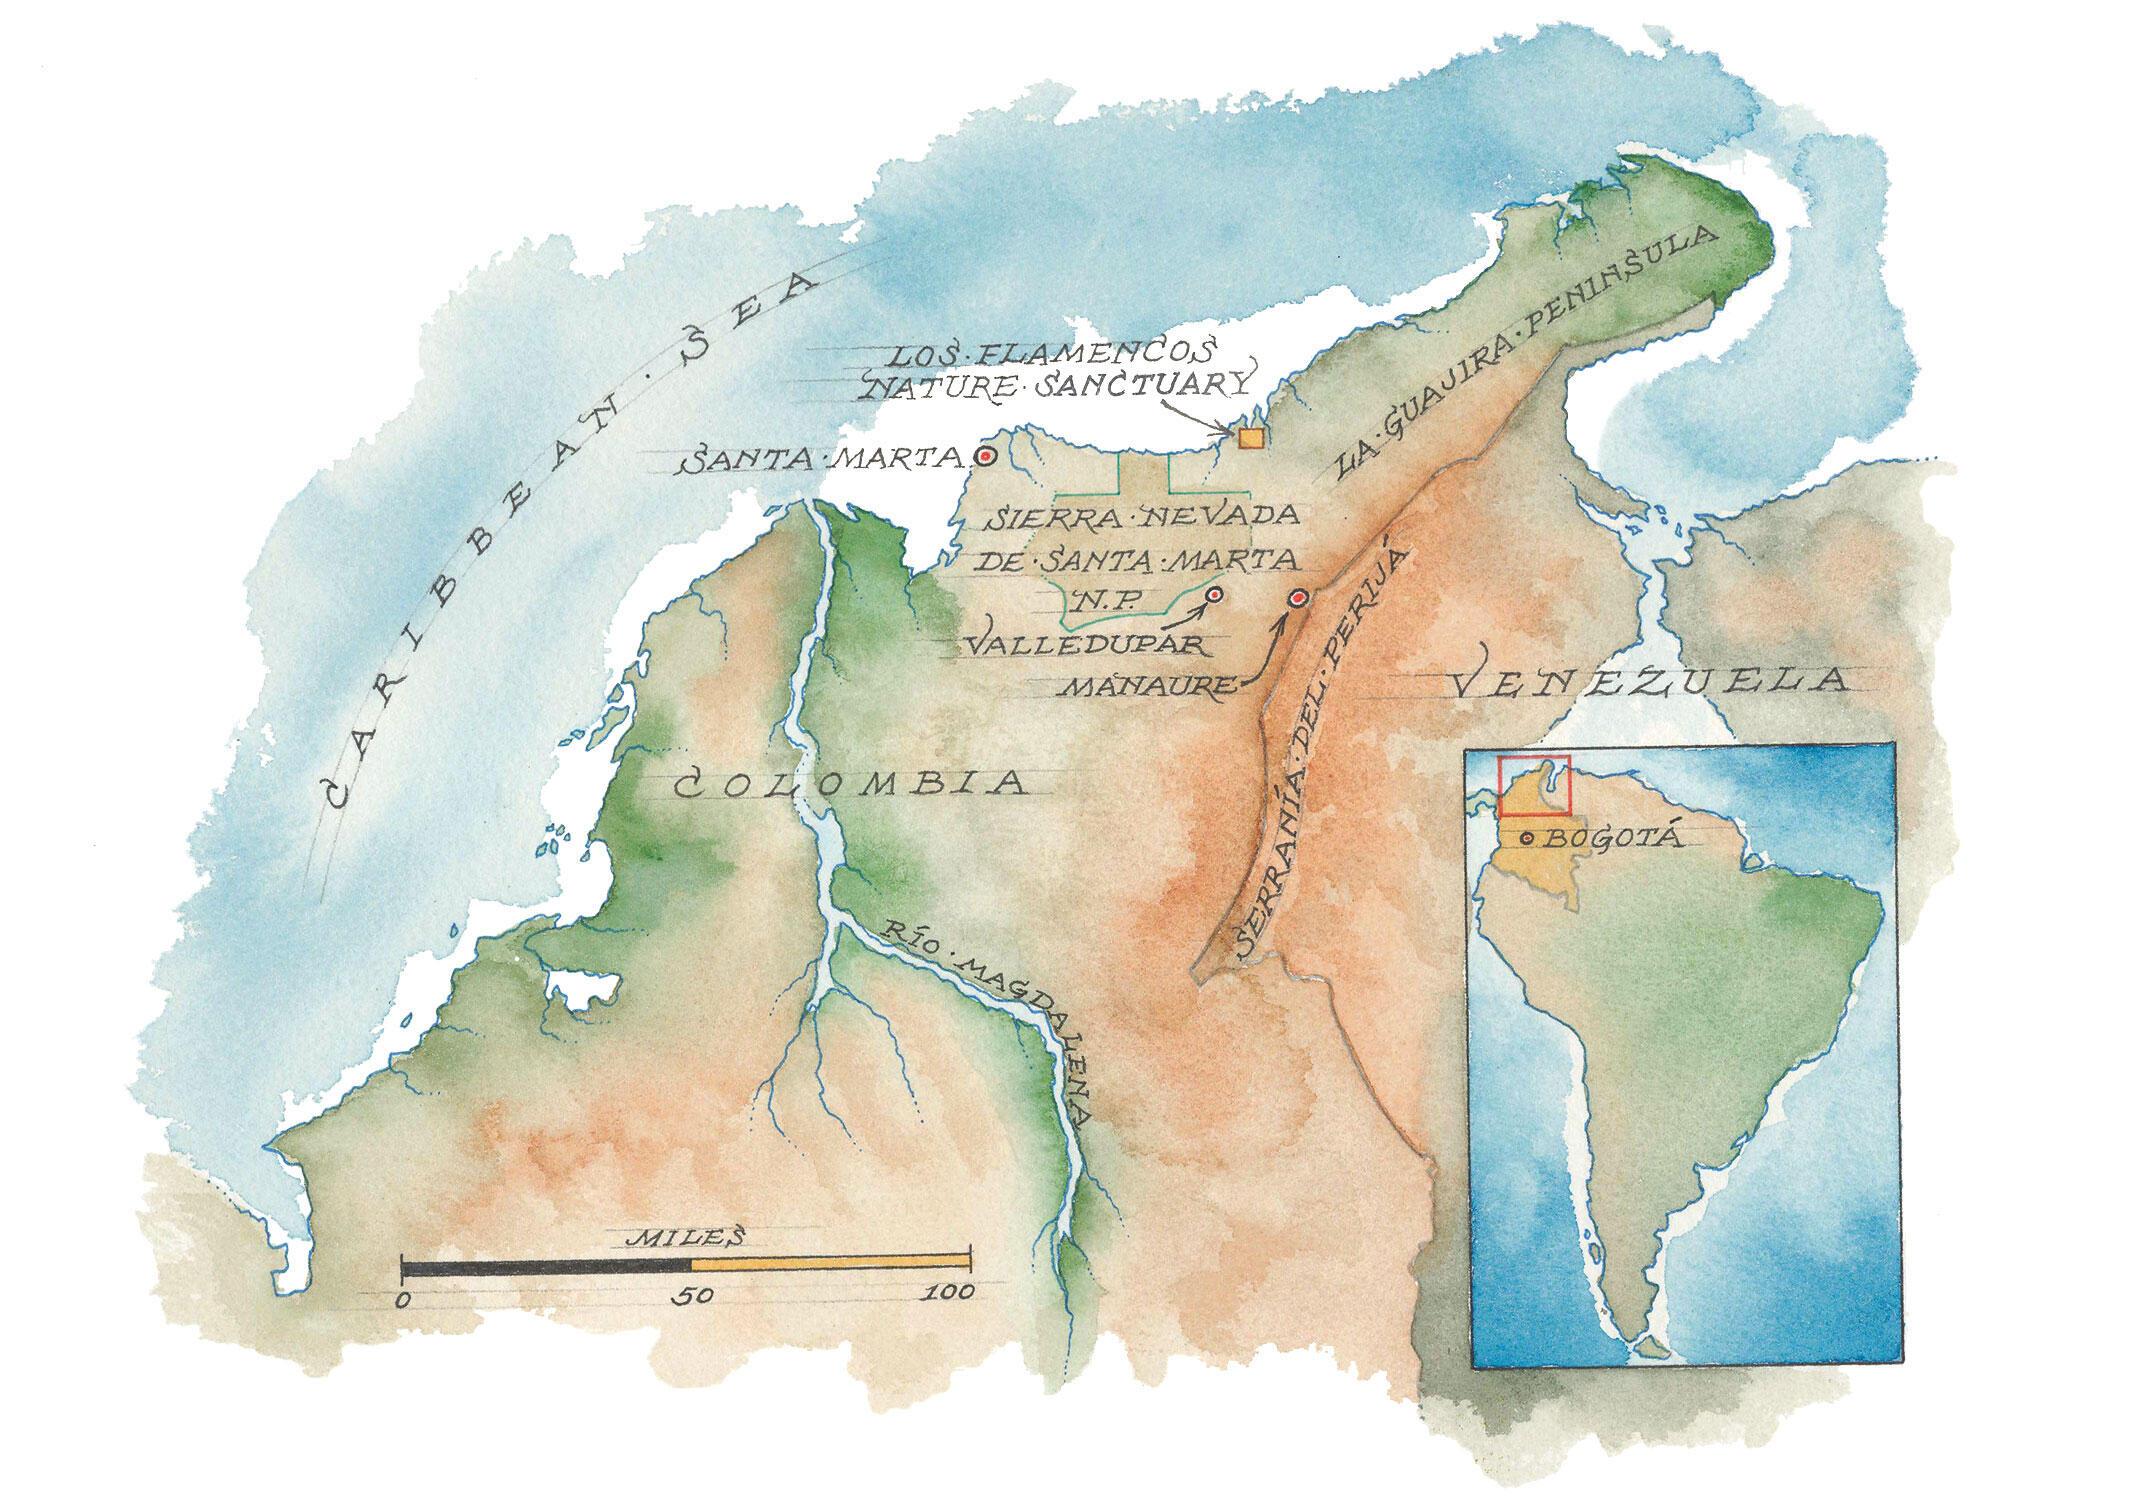 La geografía de la región noroeste de América del Sur. Mapa: Mike Reagan